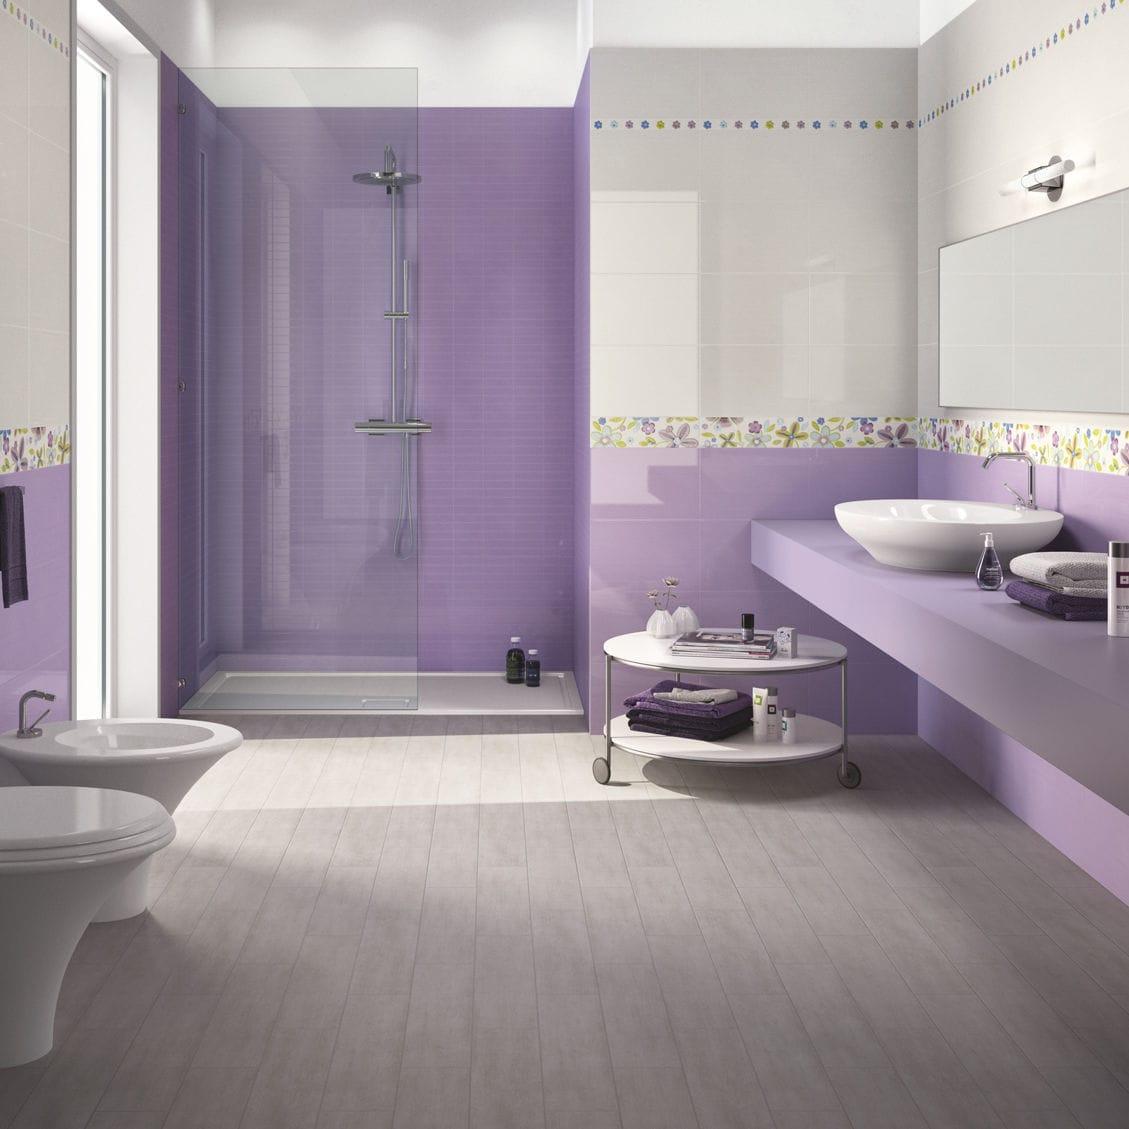 Salle De Bain Orange Et Violet: Renovation de salle bain. Salle de ...